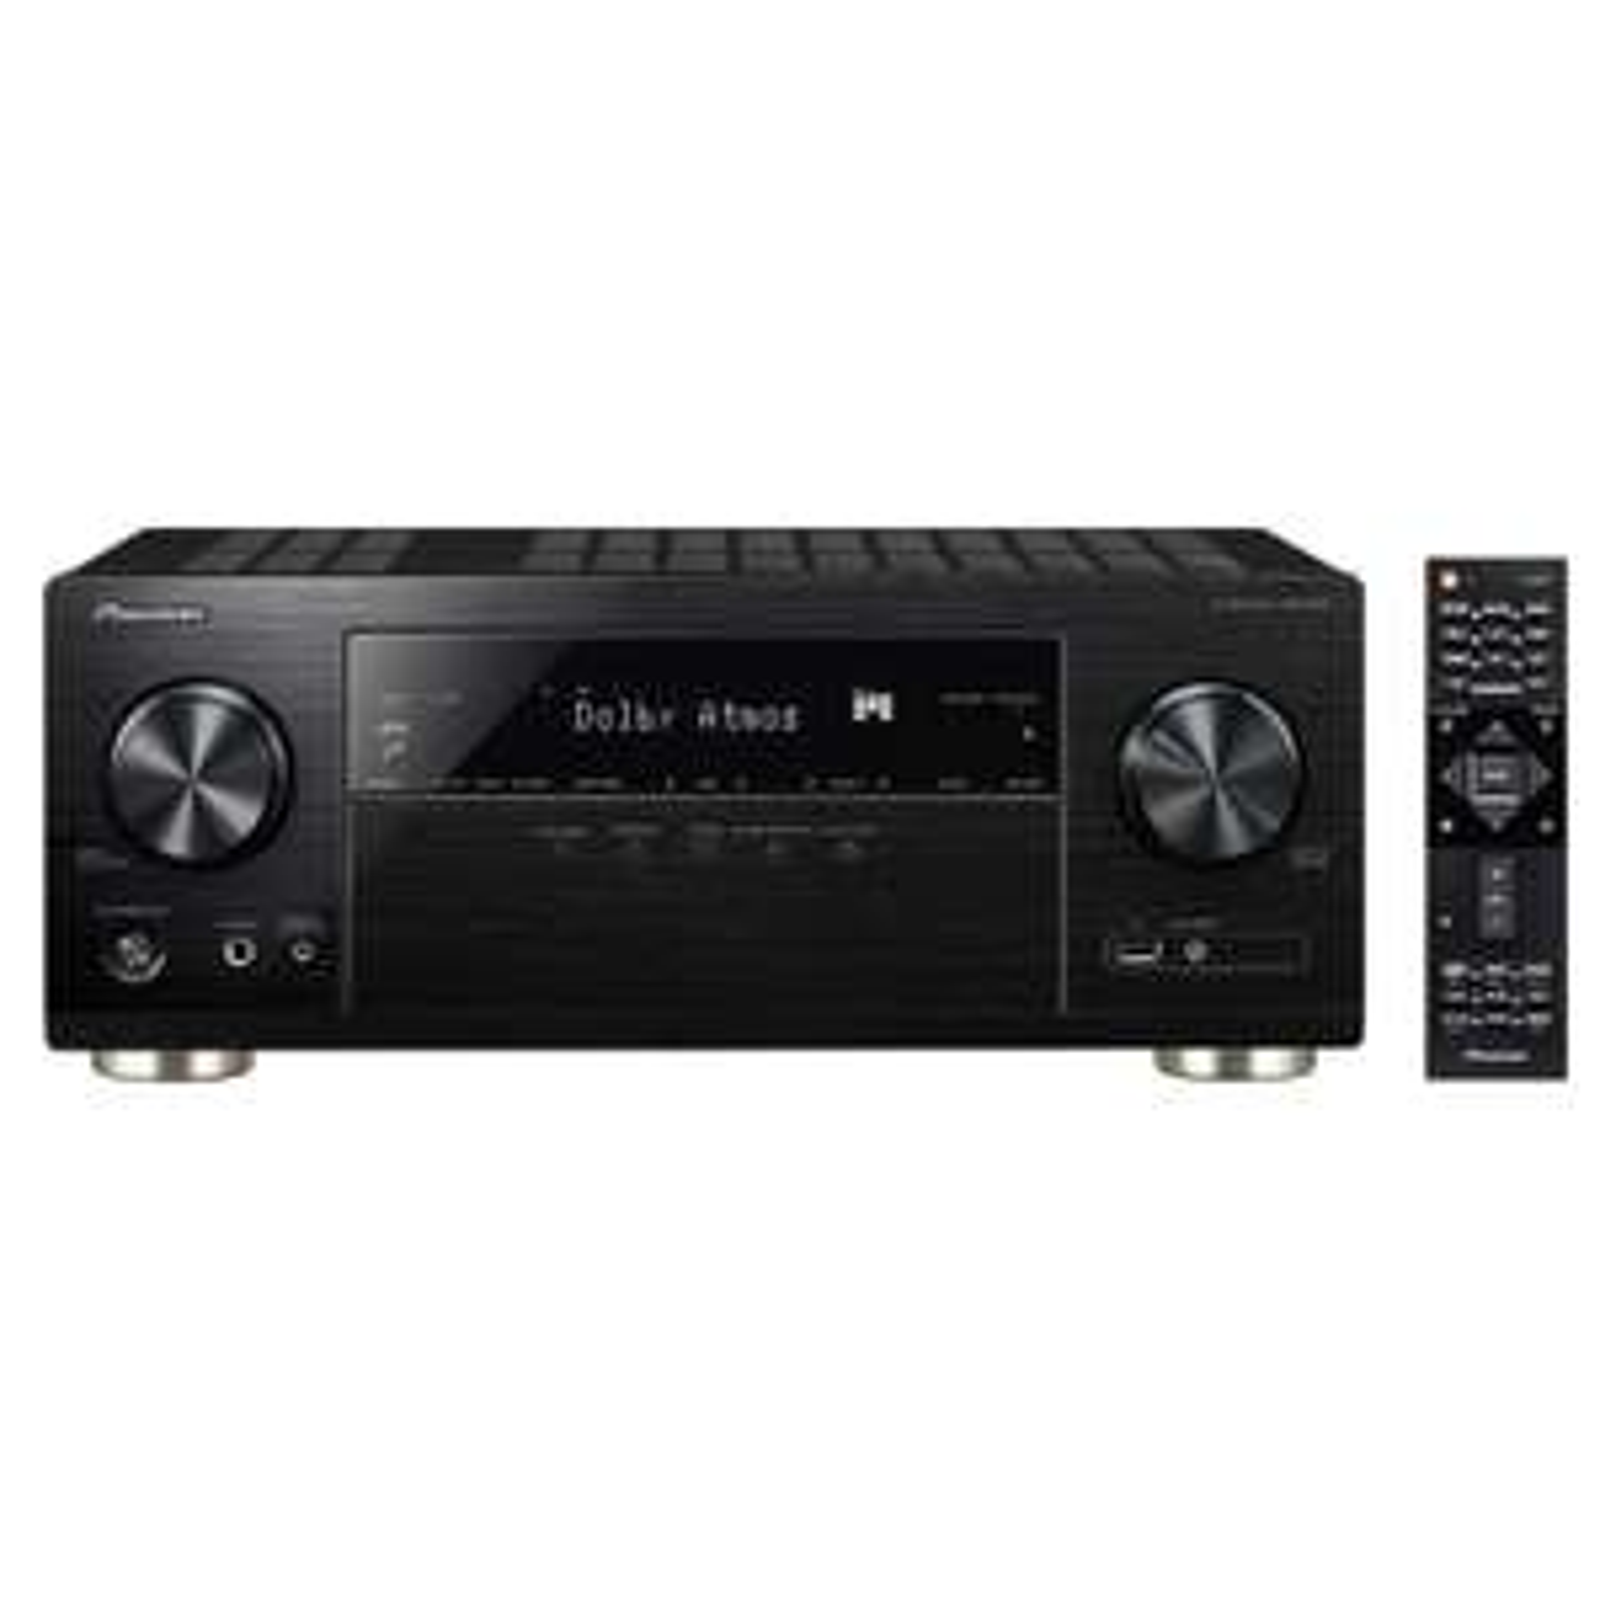 10% de réduction sur une sélection d'amplificateurs - Ex : Ampli Pioneer VSX-933